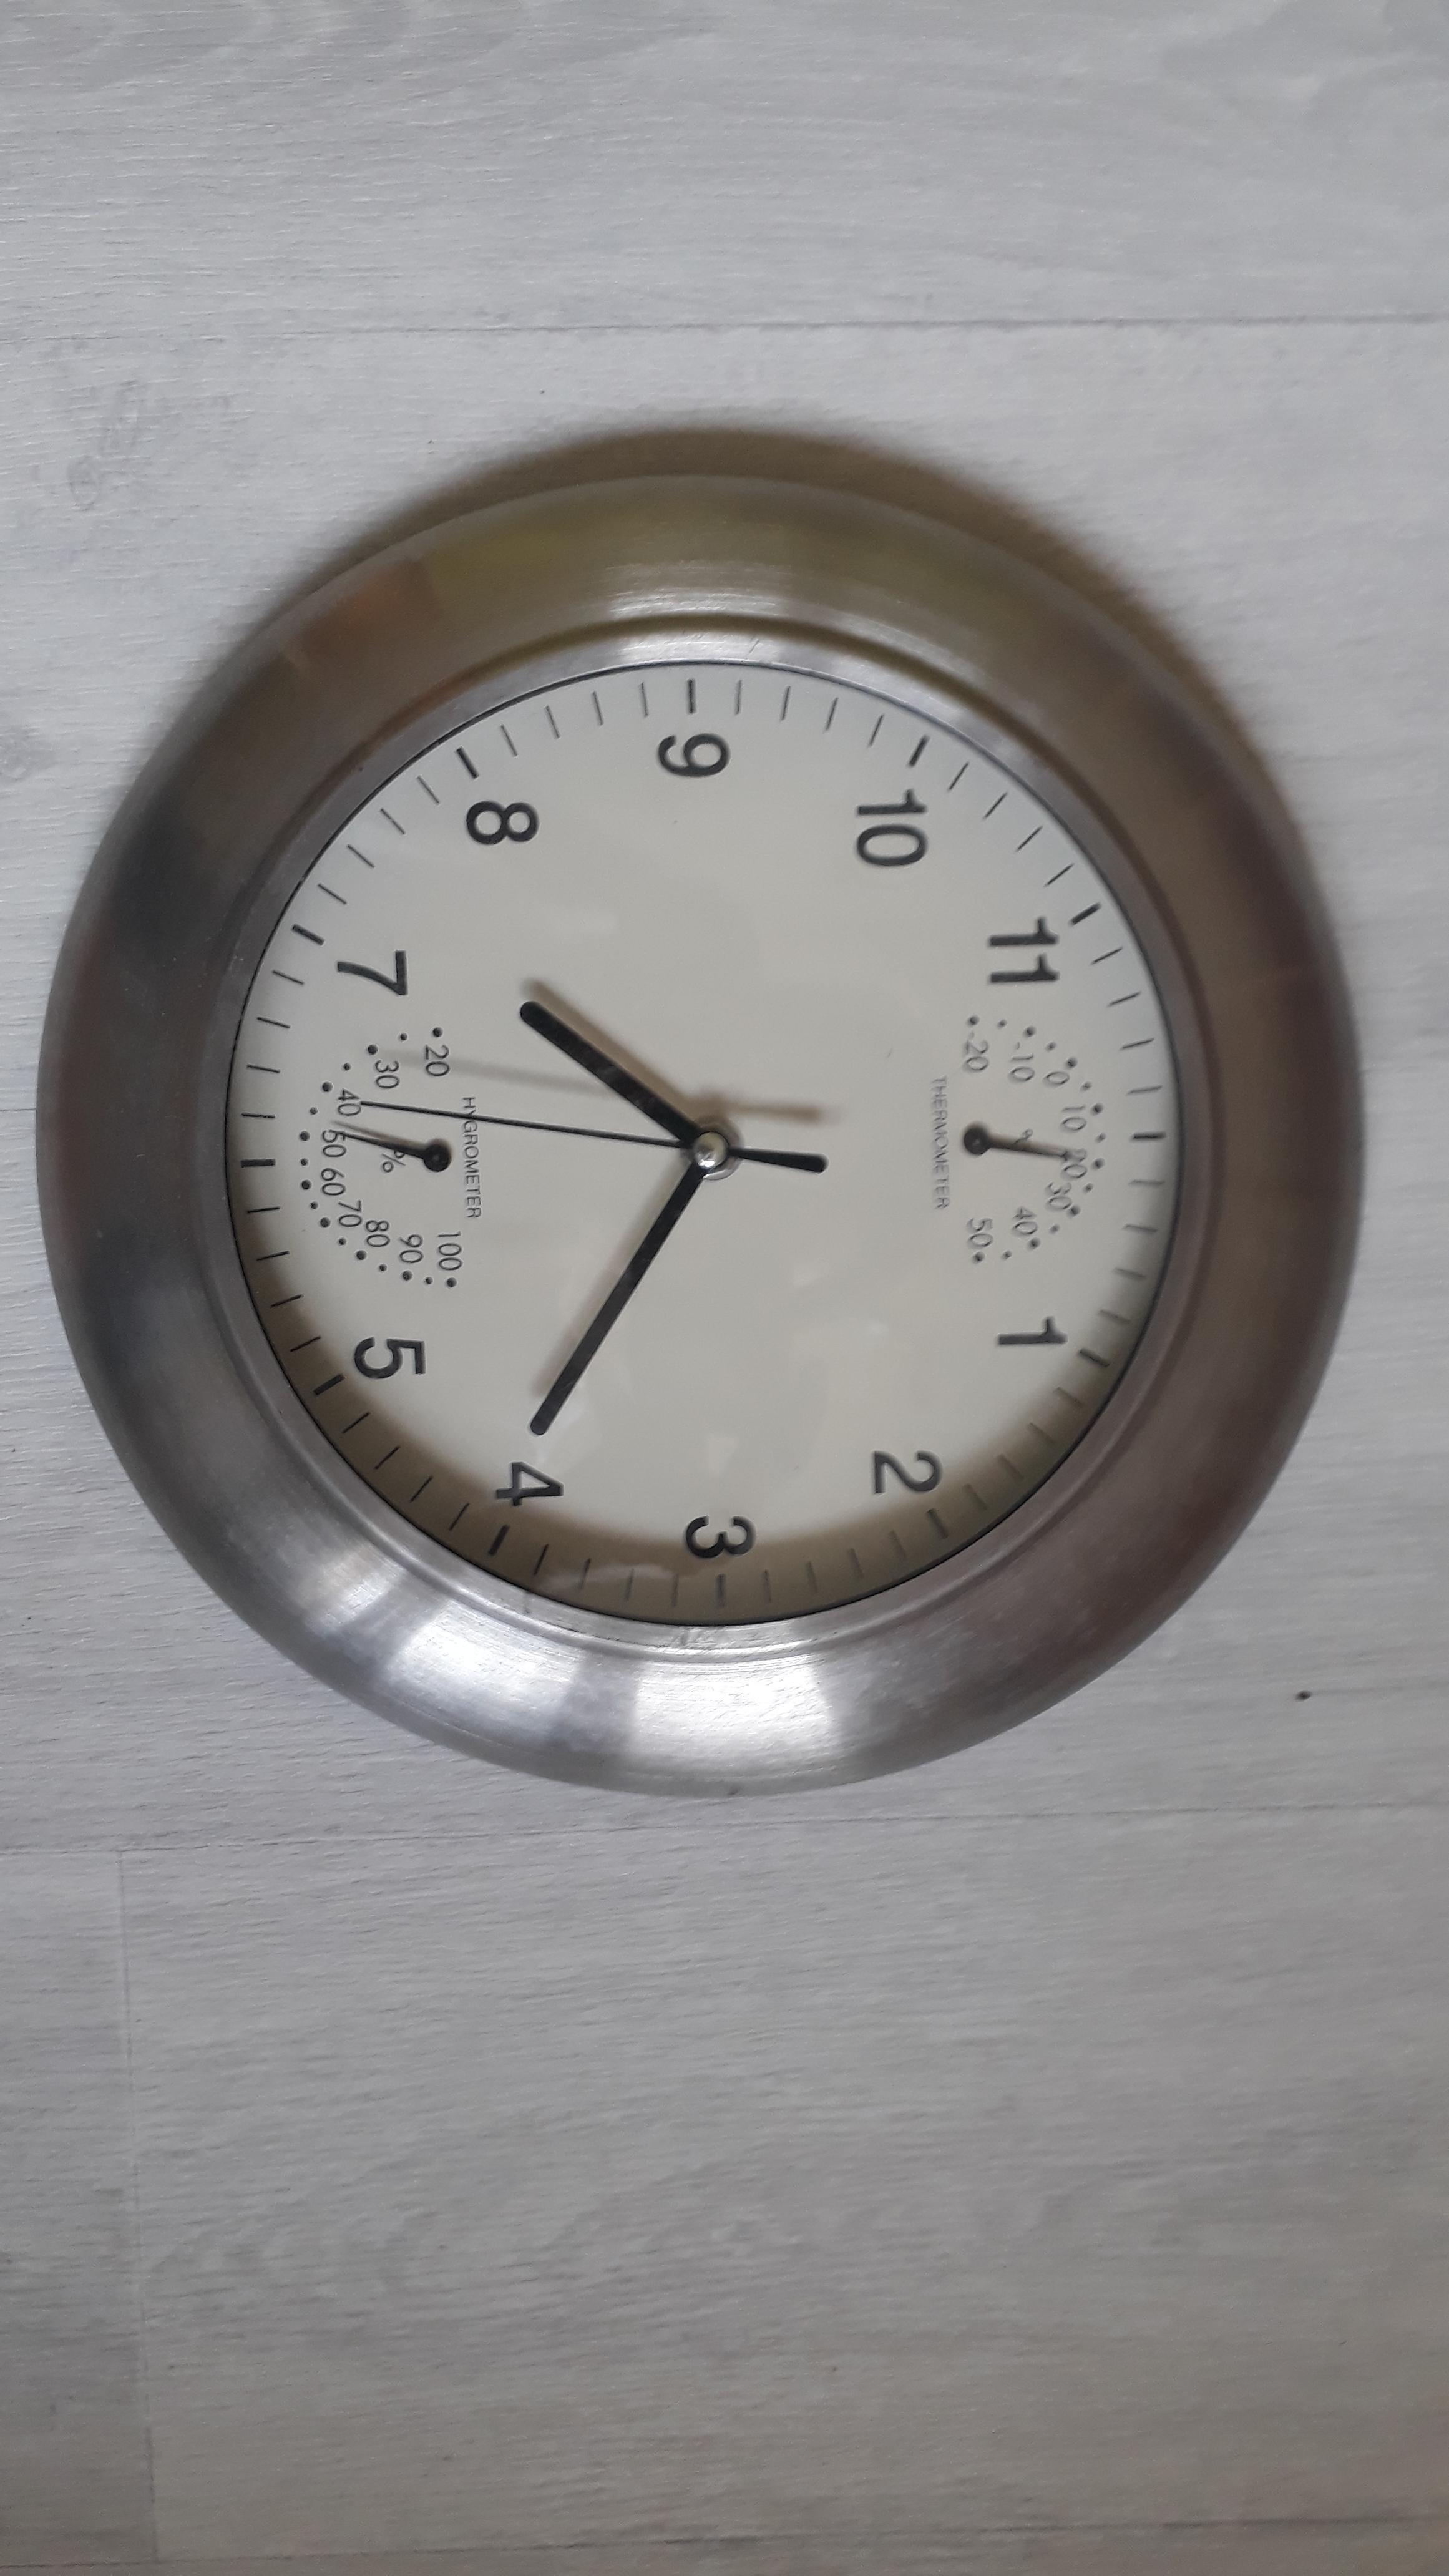 troc de troc horloge murale image 0